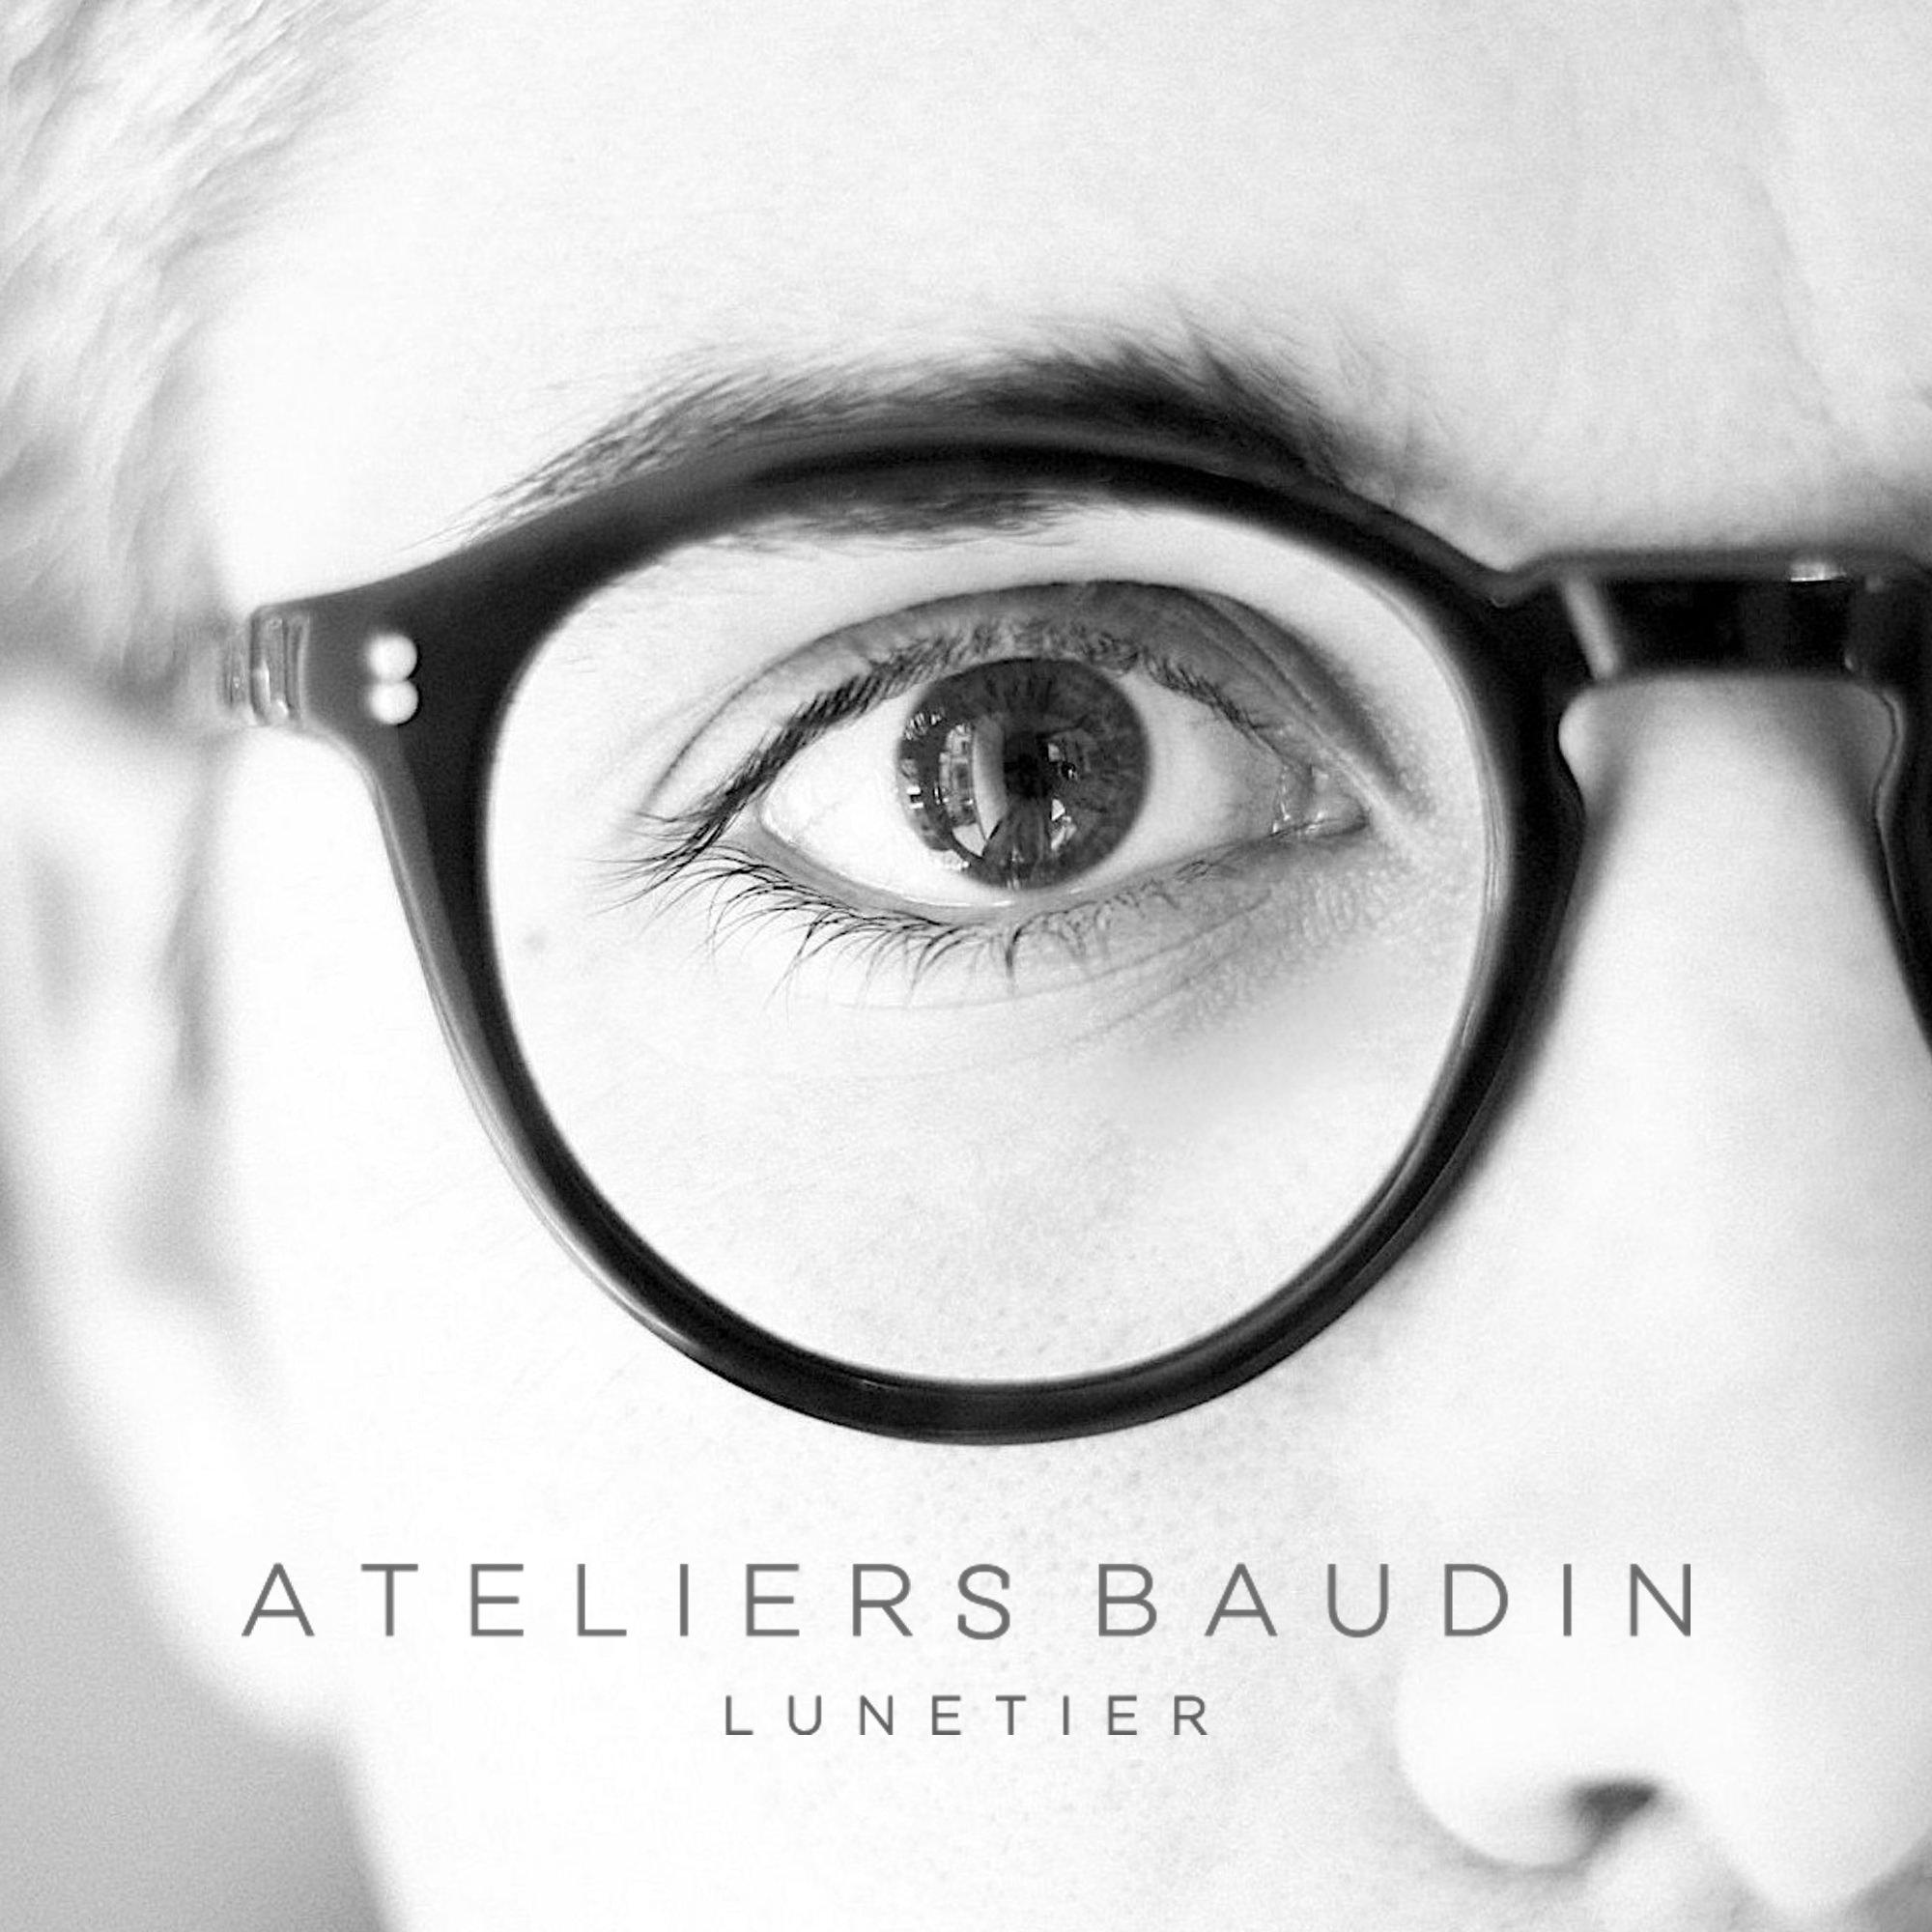 ateliers baudin lunetier sur-mesure paris